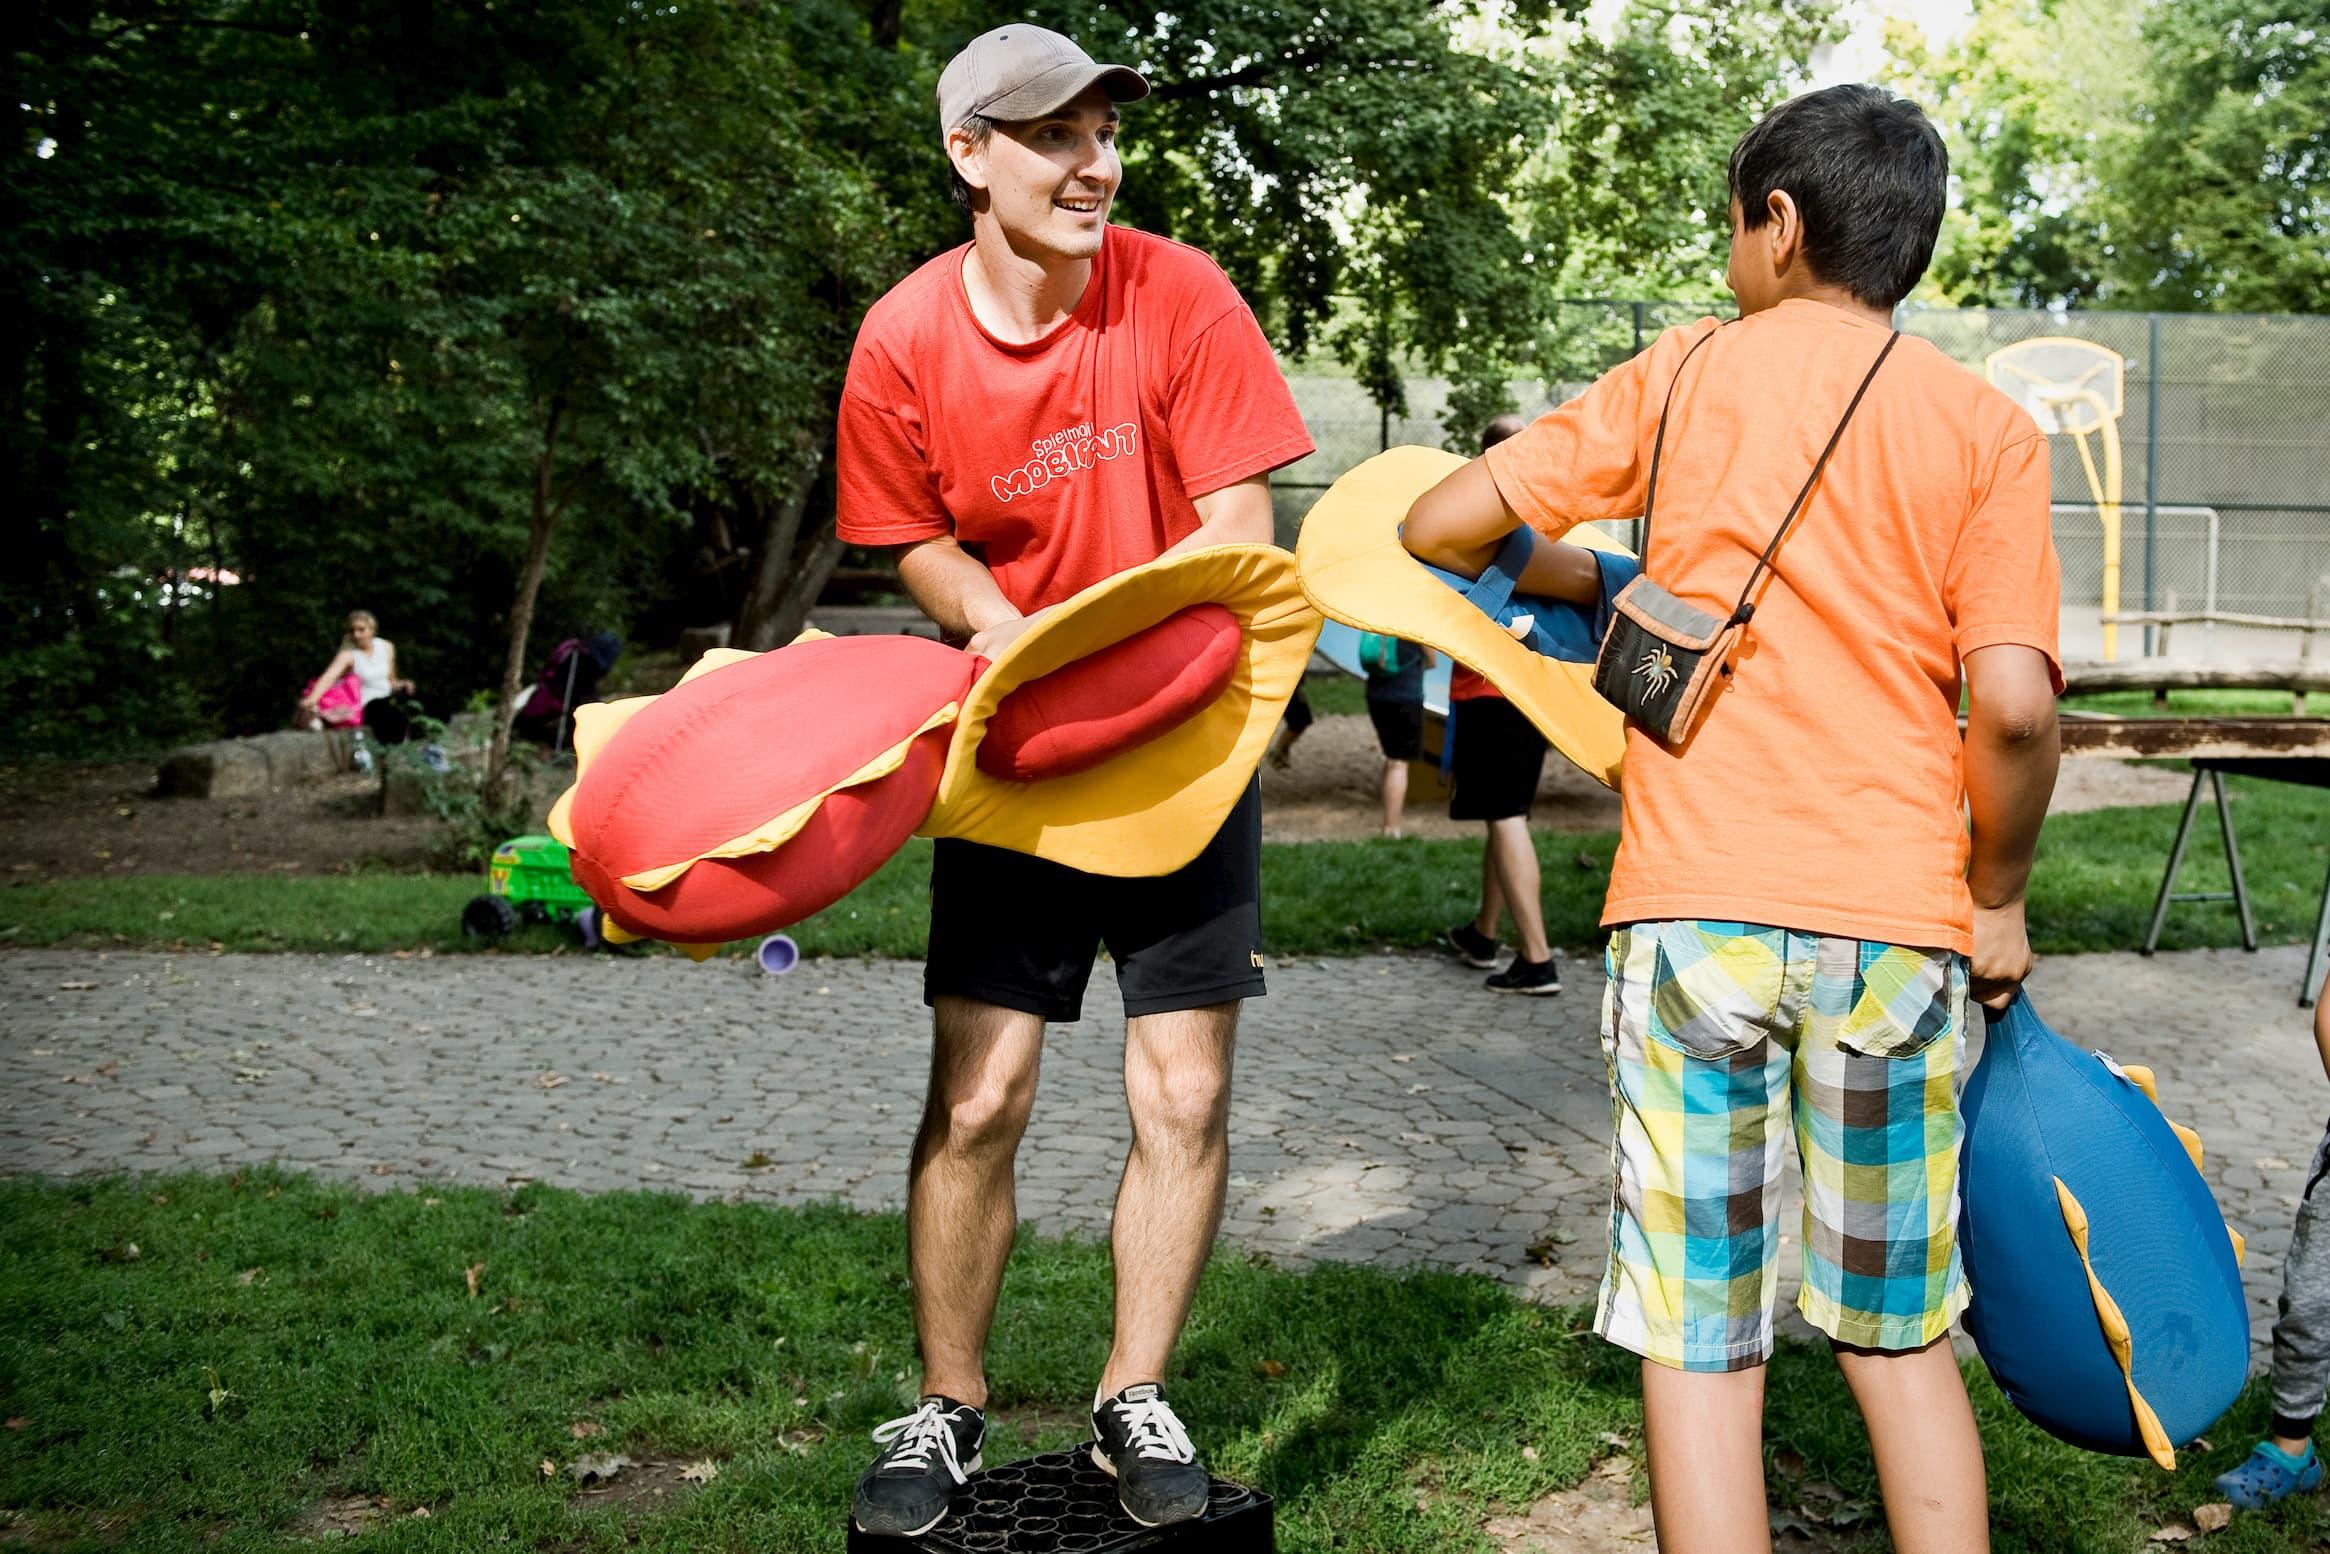 Der Jugendsozialarbeiter spielt mit einem Jugendlichen und Stofftieren in einem Park